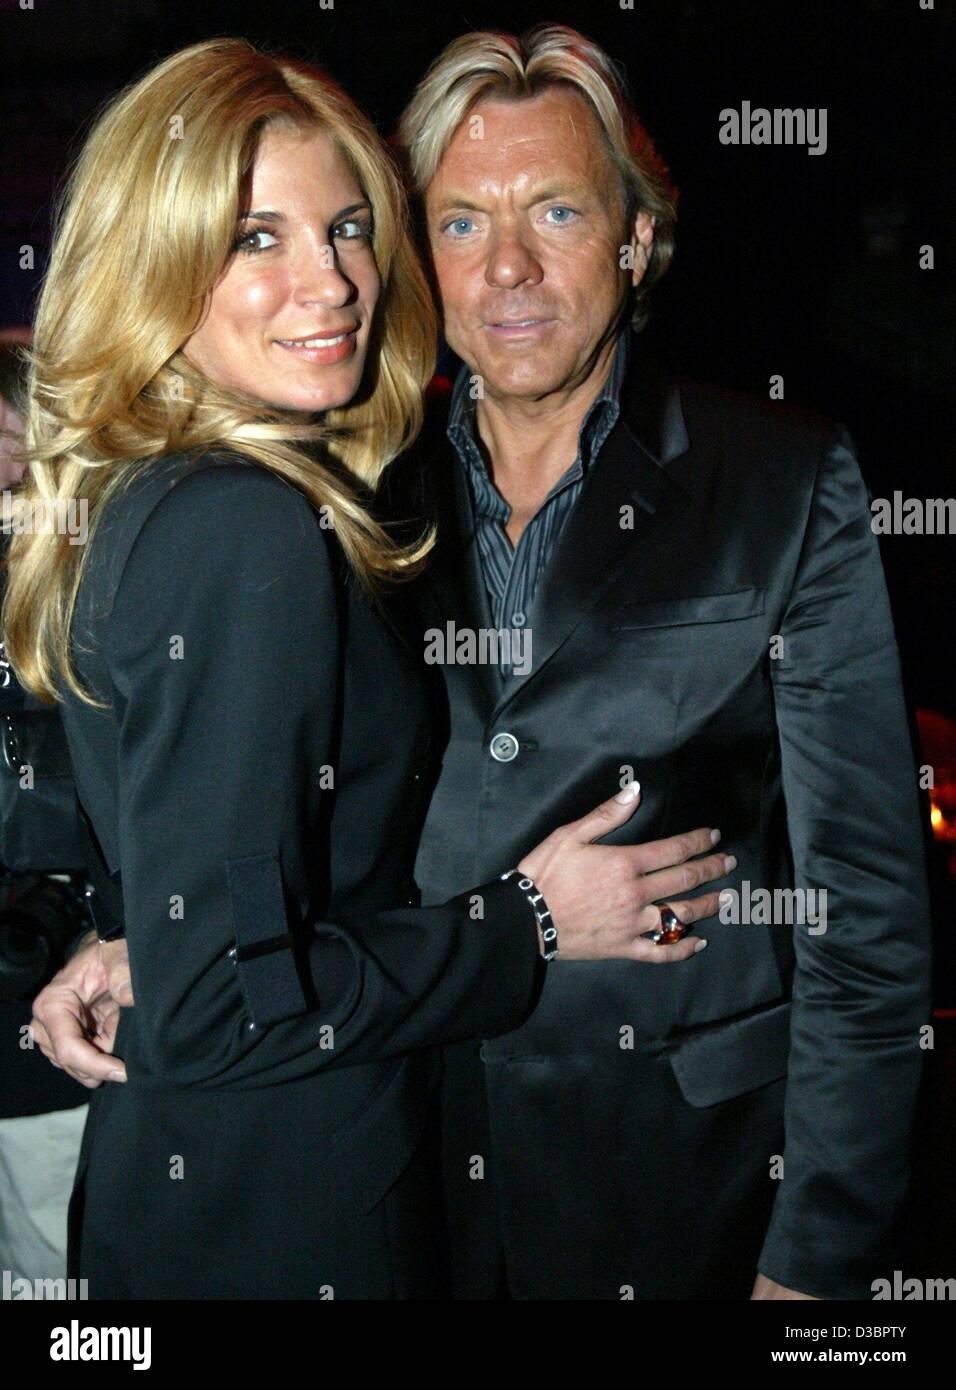 (Dpa-Dateien) - Mode-Unternehmer Otto Kern und seine Frau Dana stellen 88685914ec